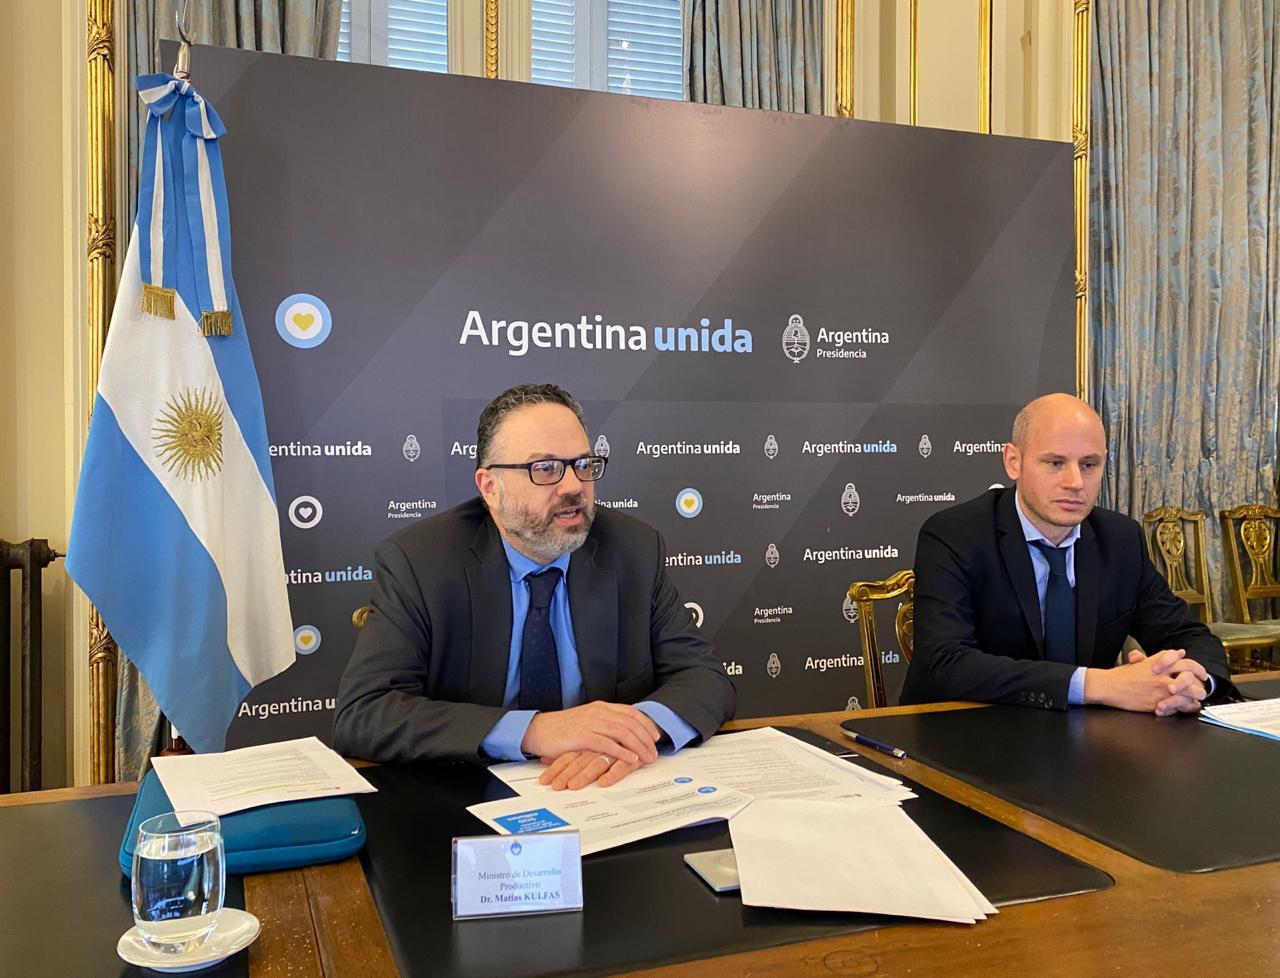 El ministro de Desarrollo Productivo, Matías Kulfas, junto al secretario de la PyME y los Emprendedores de la Nación, Guillermo Merediz, en la videoconferencia con Alicia Kirchner.